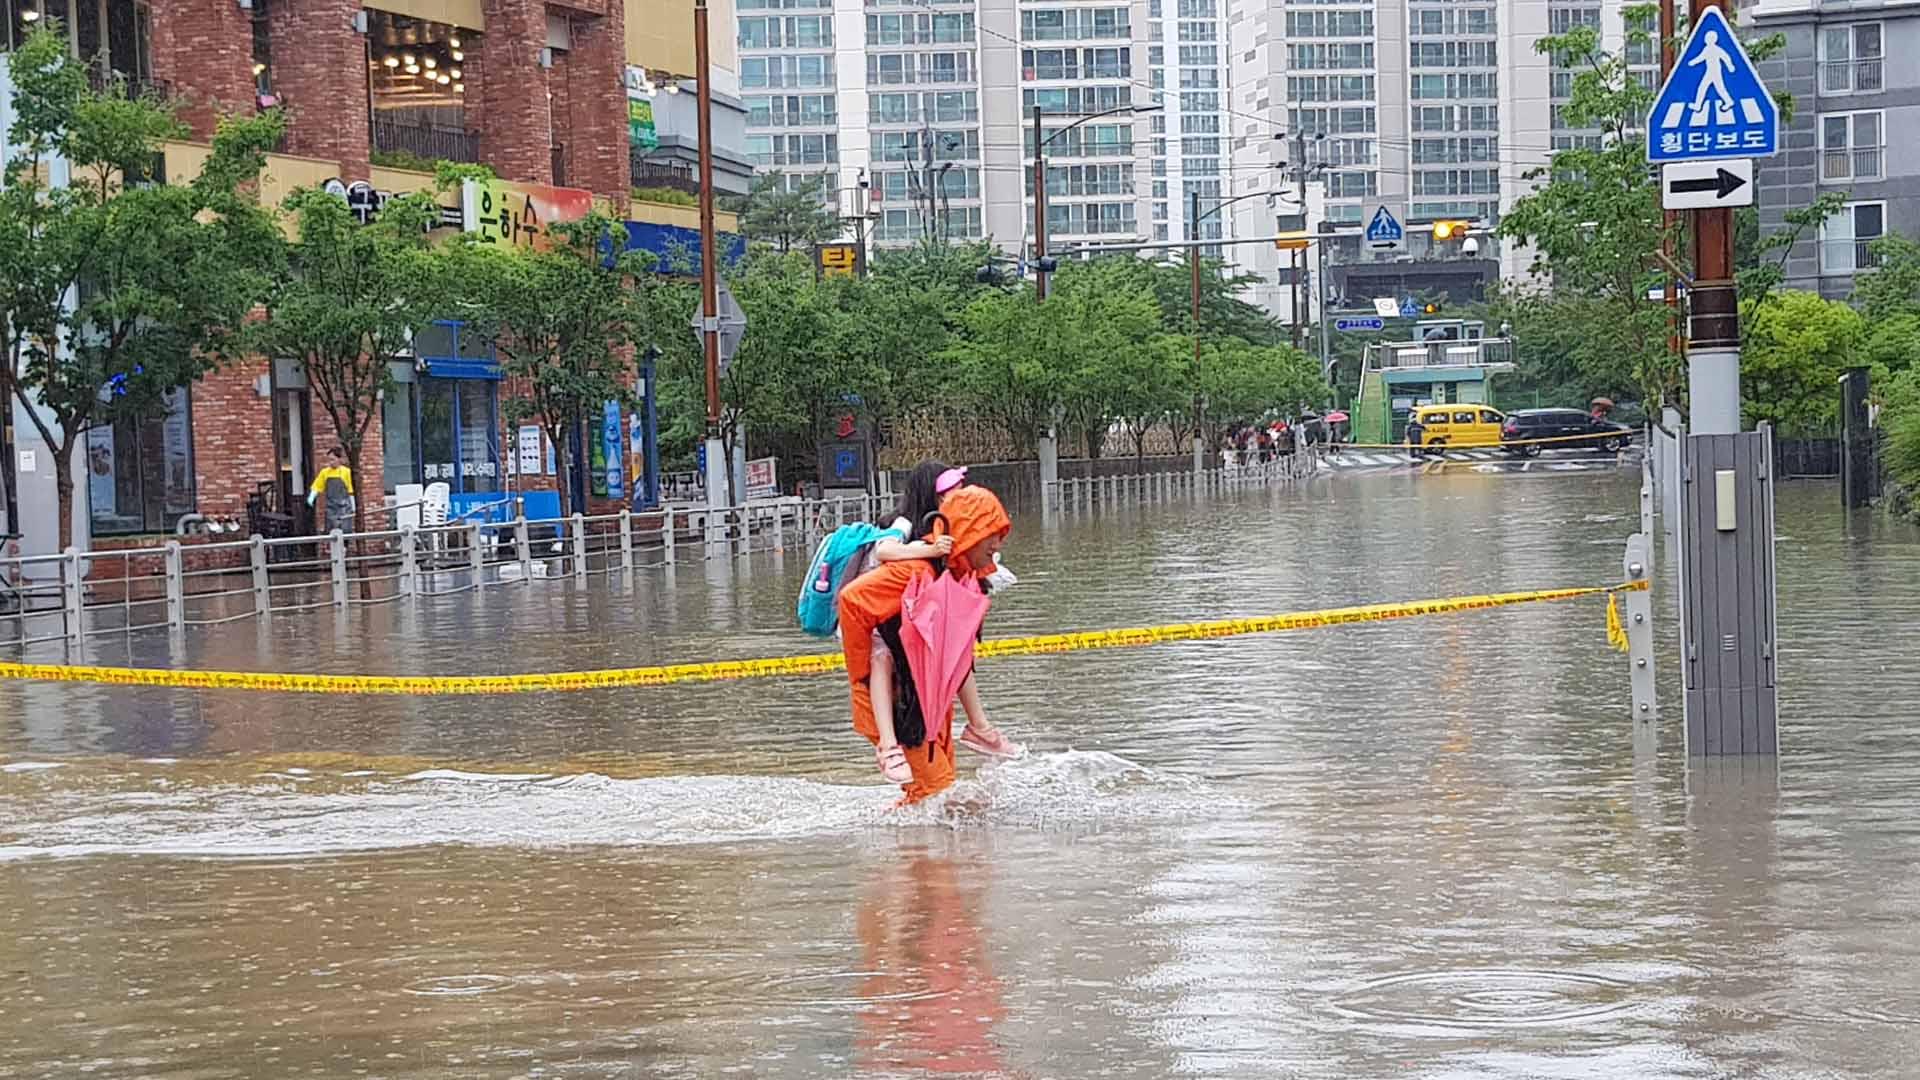 부산, 하루 200㎜ 넘는 폭우…도로 곳곳 물에 잠겨